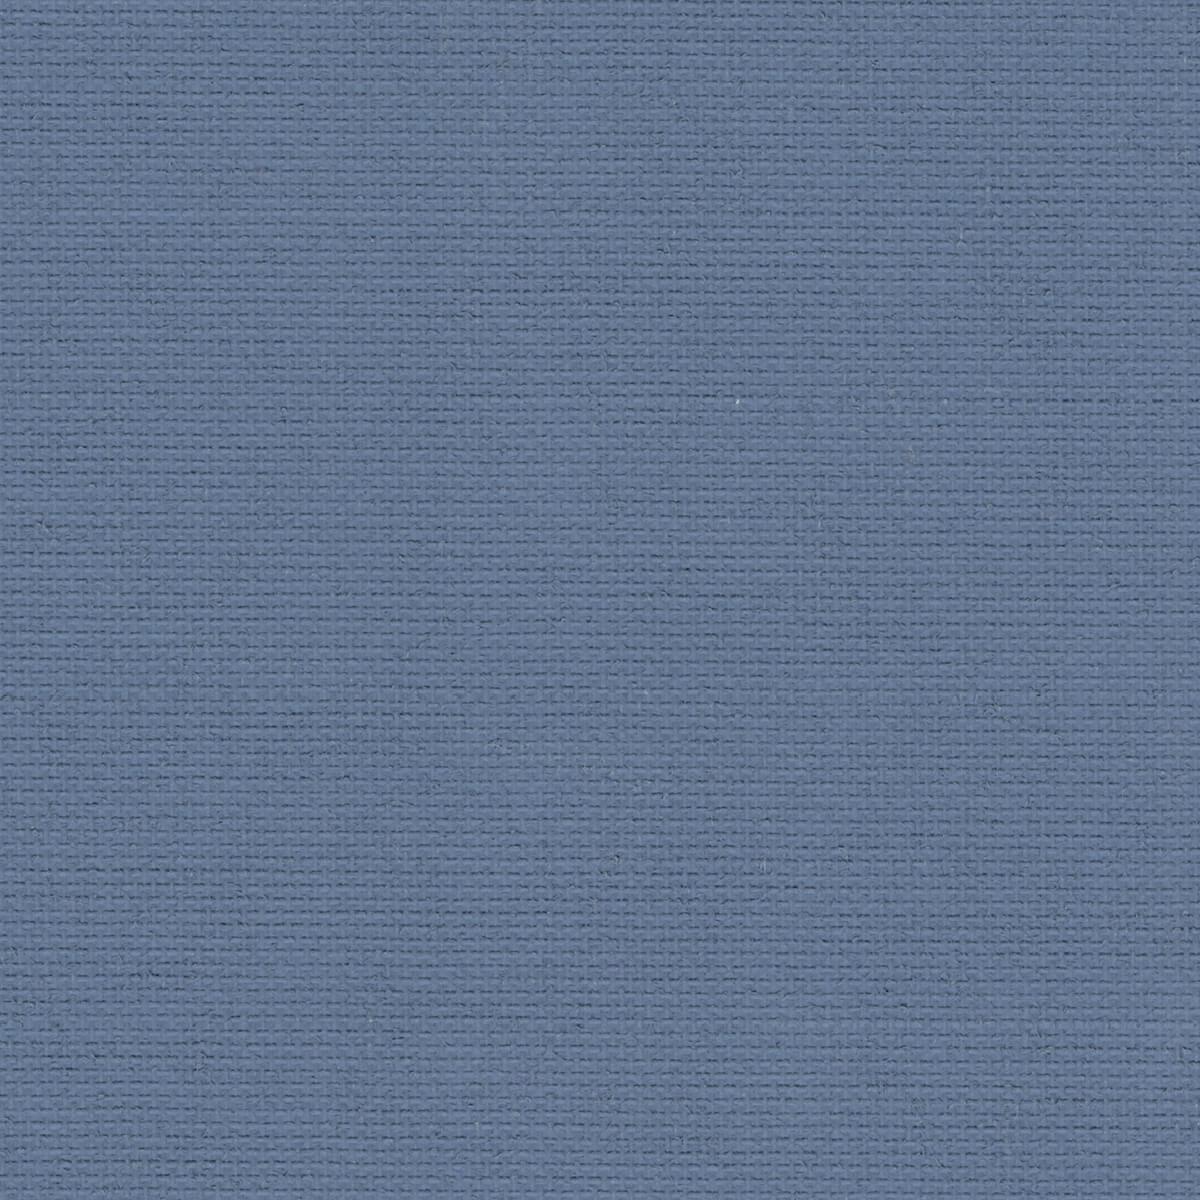 پرده شید با سبک مدرن | جنس پلی استر | کد VSH13| گروه وراتی